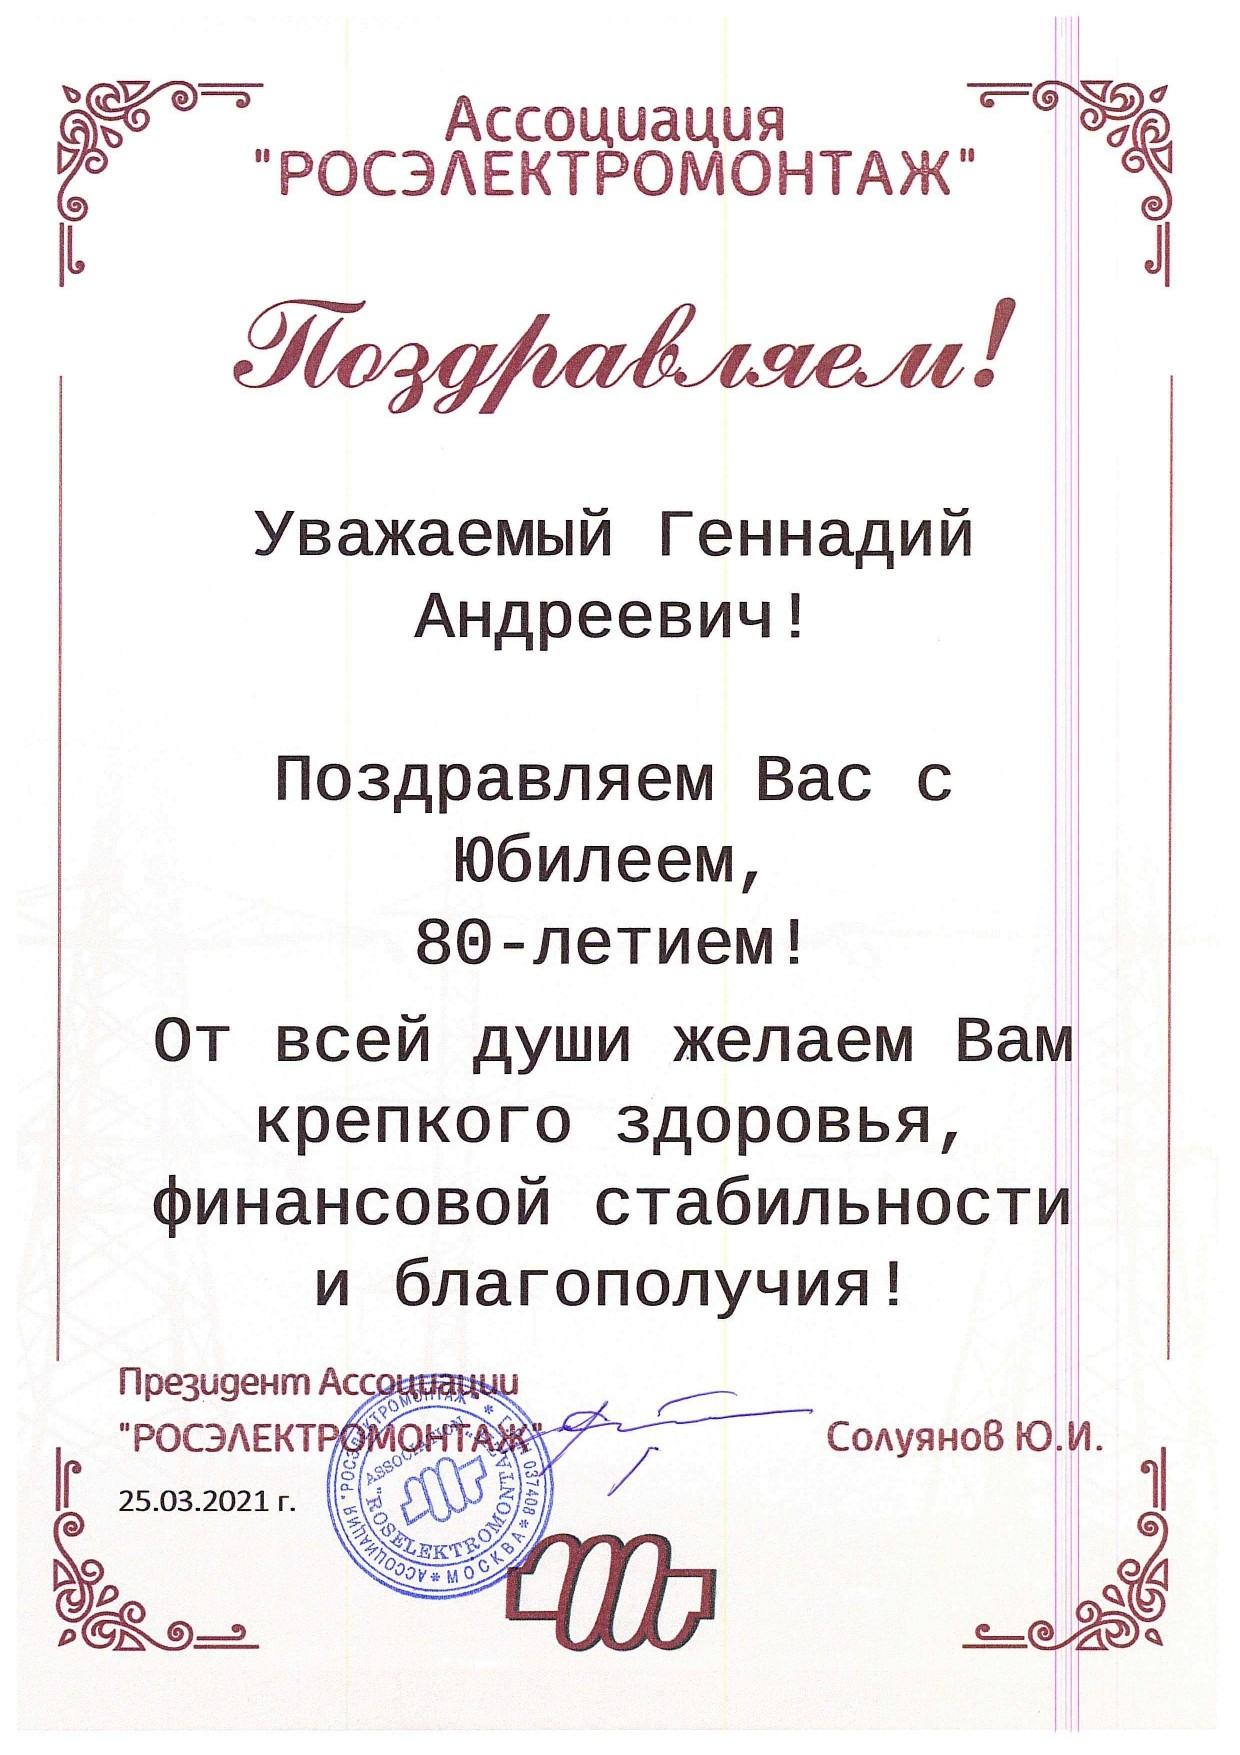 Поздравляем Геннадия Андреевича Бабаева с 80-летием! 1